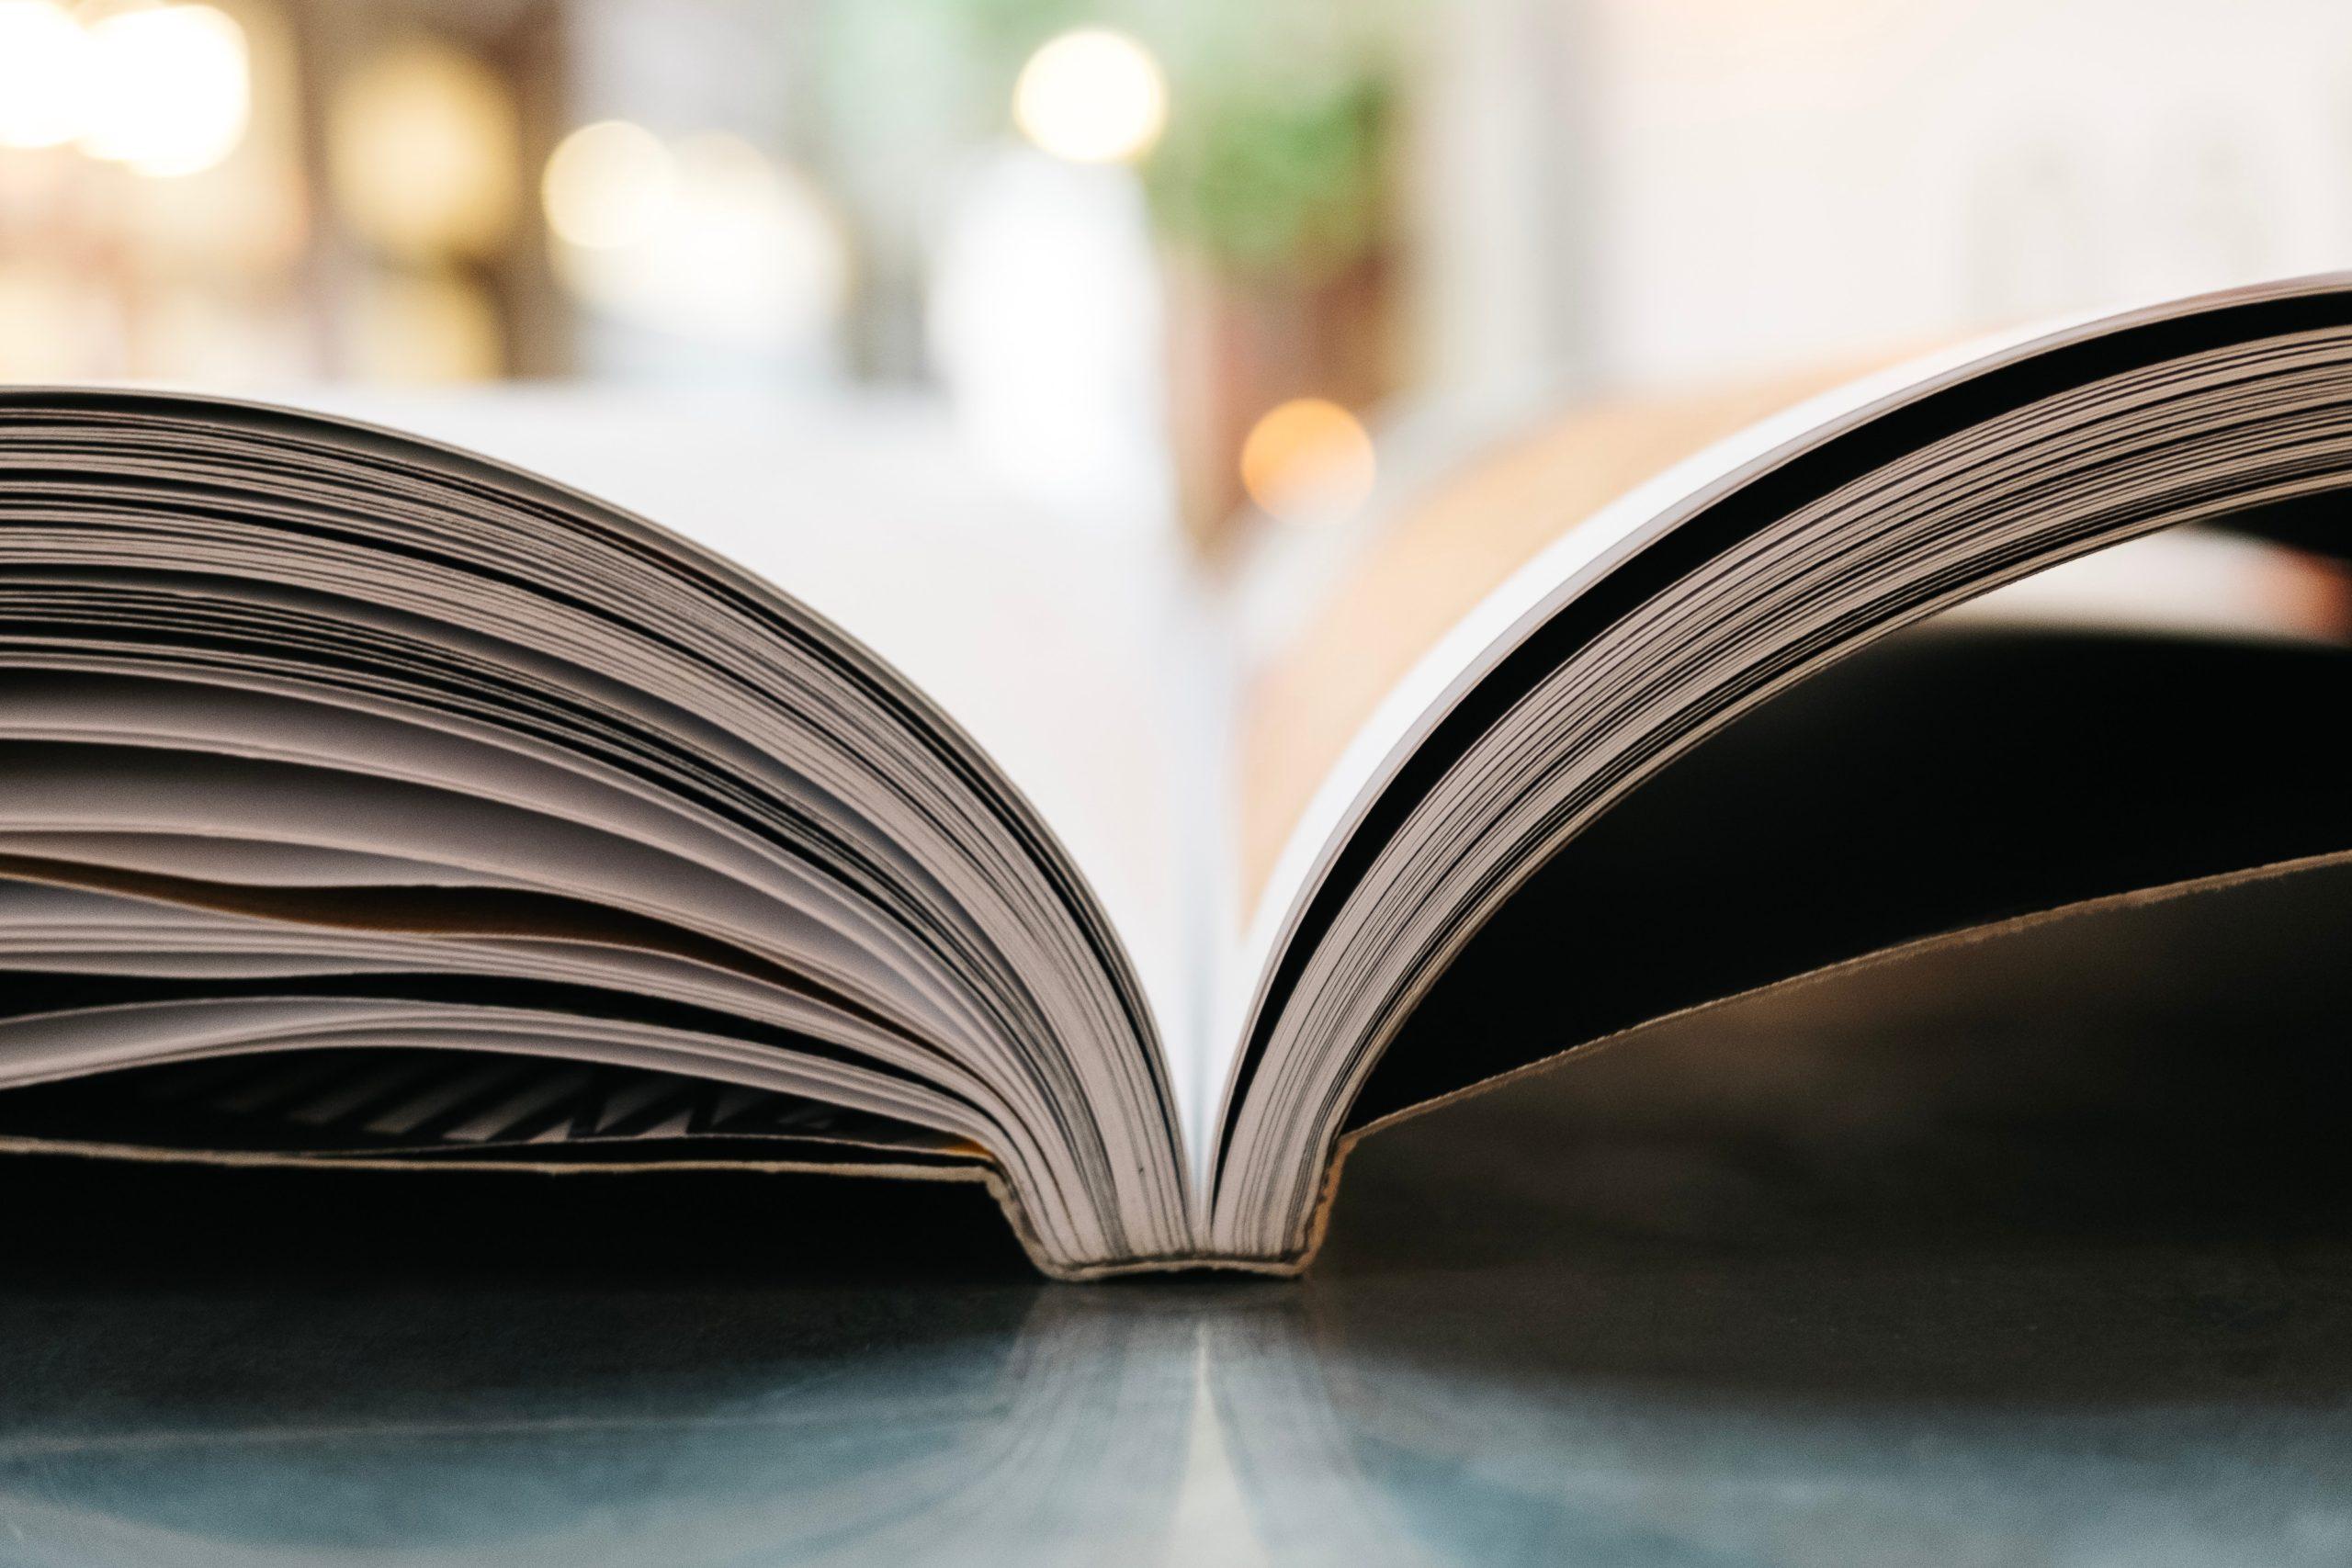 Pöydällä on avonainen kirja.